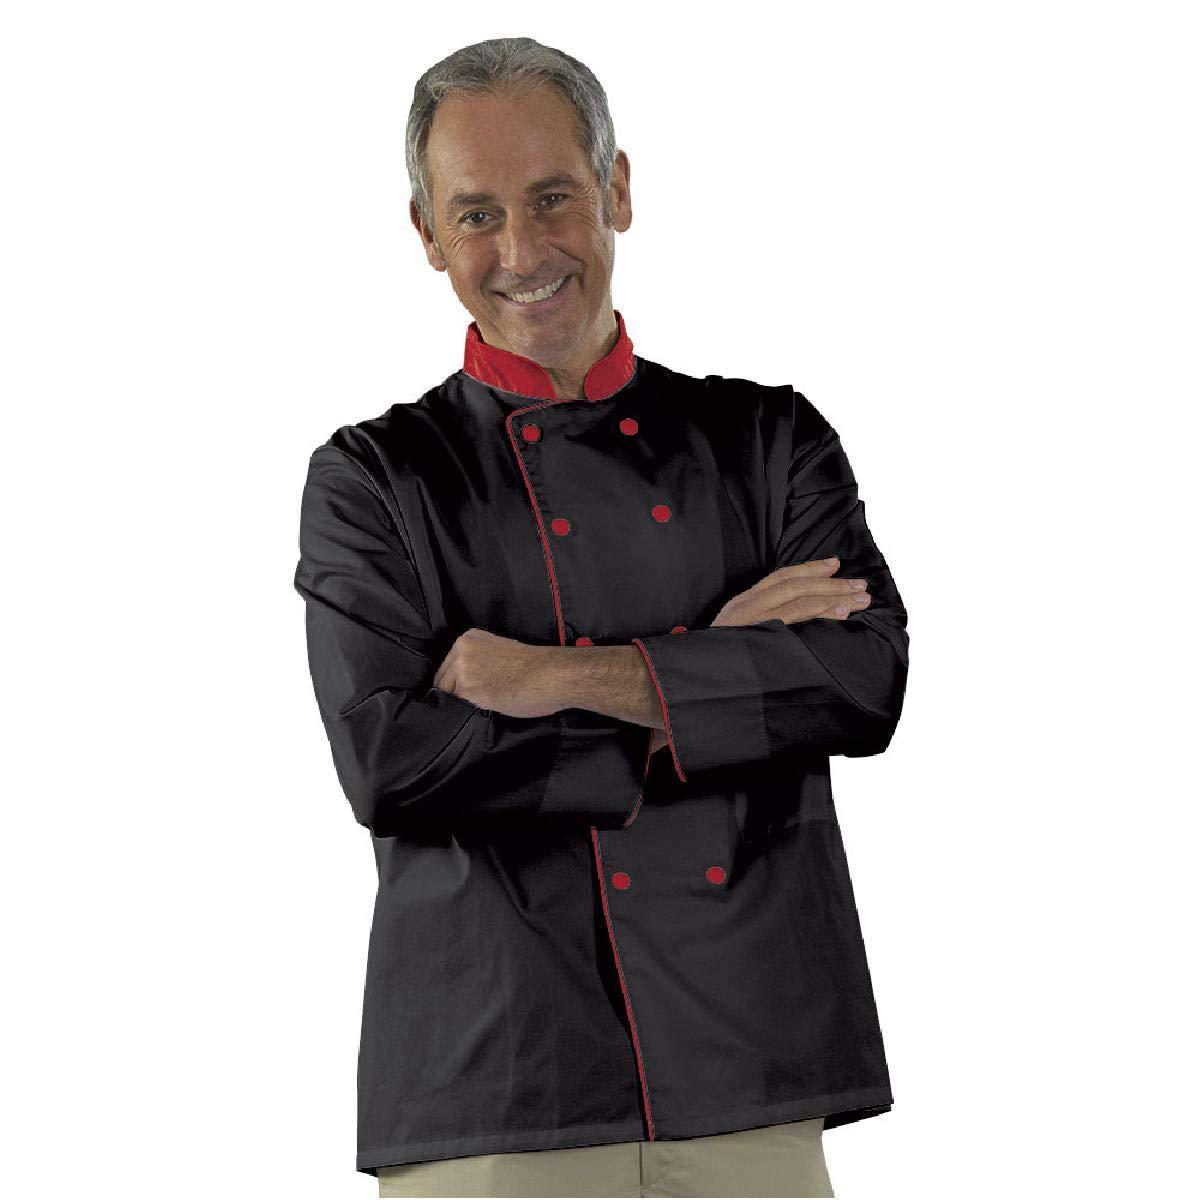 Veste de Cuisine Noir Tissu serg/é Polyester Coton Mixte modele Karl Manches Longues